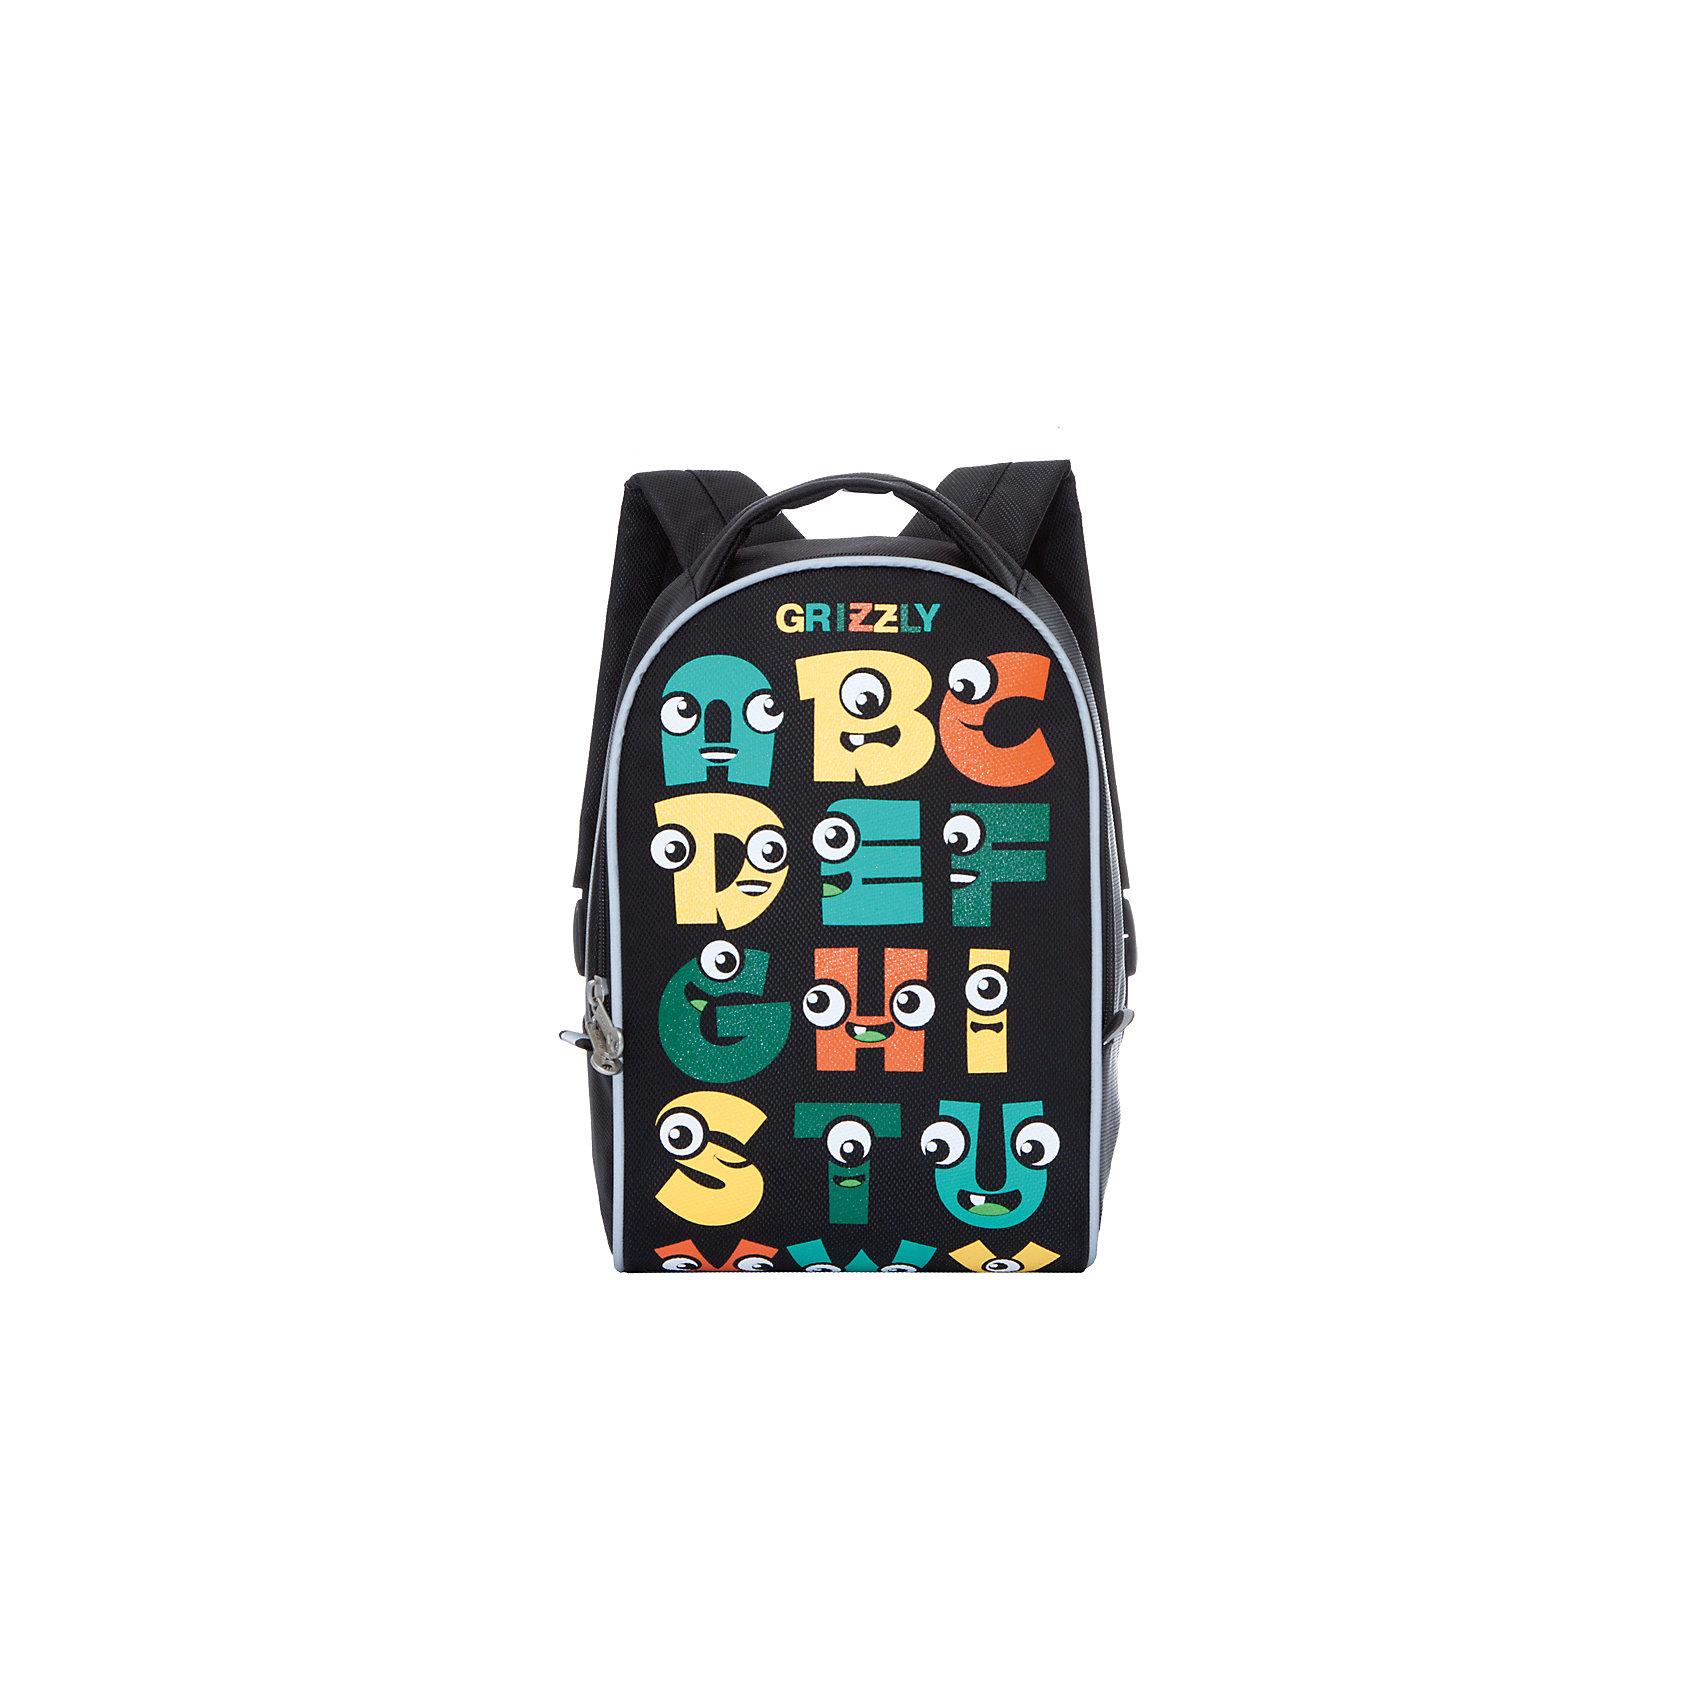 Grizzly рюкзак детский 1 отделениеРюкзаки<br>Рюкзак малый, одно отделение, укрепленная спинка, мягкая укрепленная ручка, укрепленные лямки, светоотражающие элементы с четырех сторон.<br>Вес, г: 291<br>Размер, см: 25х33х13<br>Состав: Нейлон<br>Наличие светоотражающих элементов:  да<br>Материал: Нейлон<br>Спина:  полужесткая<br>Наличие дополнительных карманов внутри:  да<br>Дно выбрать:  Мягкое<br>Количество отделений внутри:  1<br>Боковые карманы: нет<br>Замок:  Молния<br>Вмещает А4:  да<br><br>Ширина мм: 250<br>Глубина мм: 130<br>Высота мм: 330<br>Вес г: 291<br>Возраст от месяцев: 60<br>Возраст до месяцев: 84<br>Пол: Мужской<br>Возраст: Детский<br>SKU: 6727448